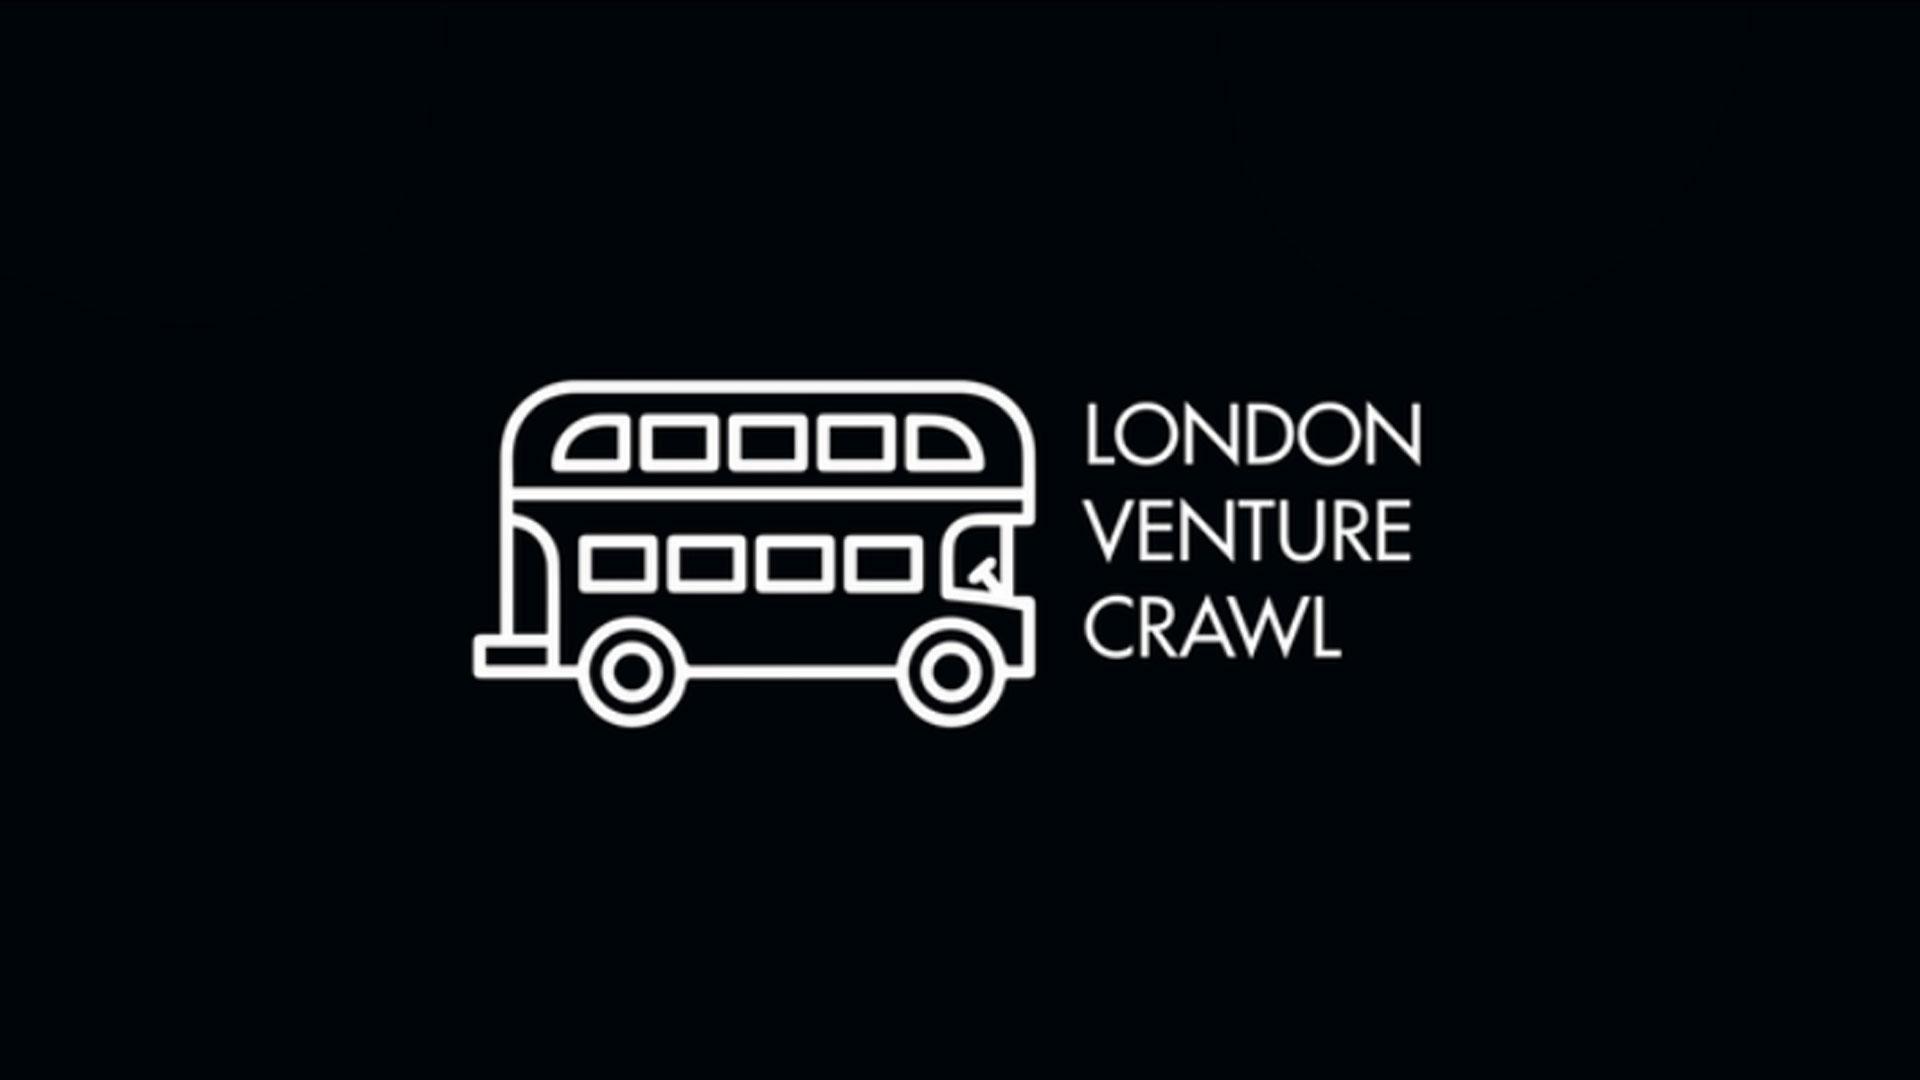 Venture Crawl 2019